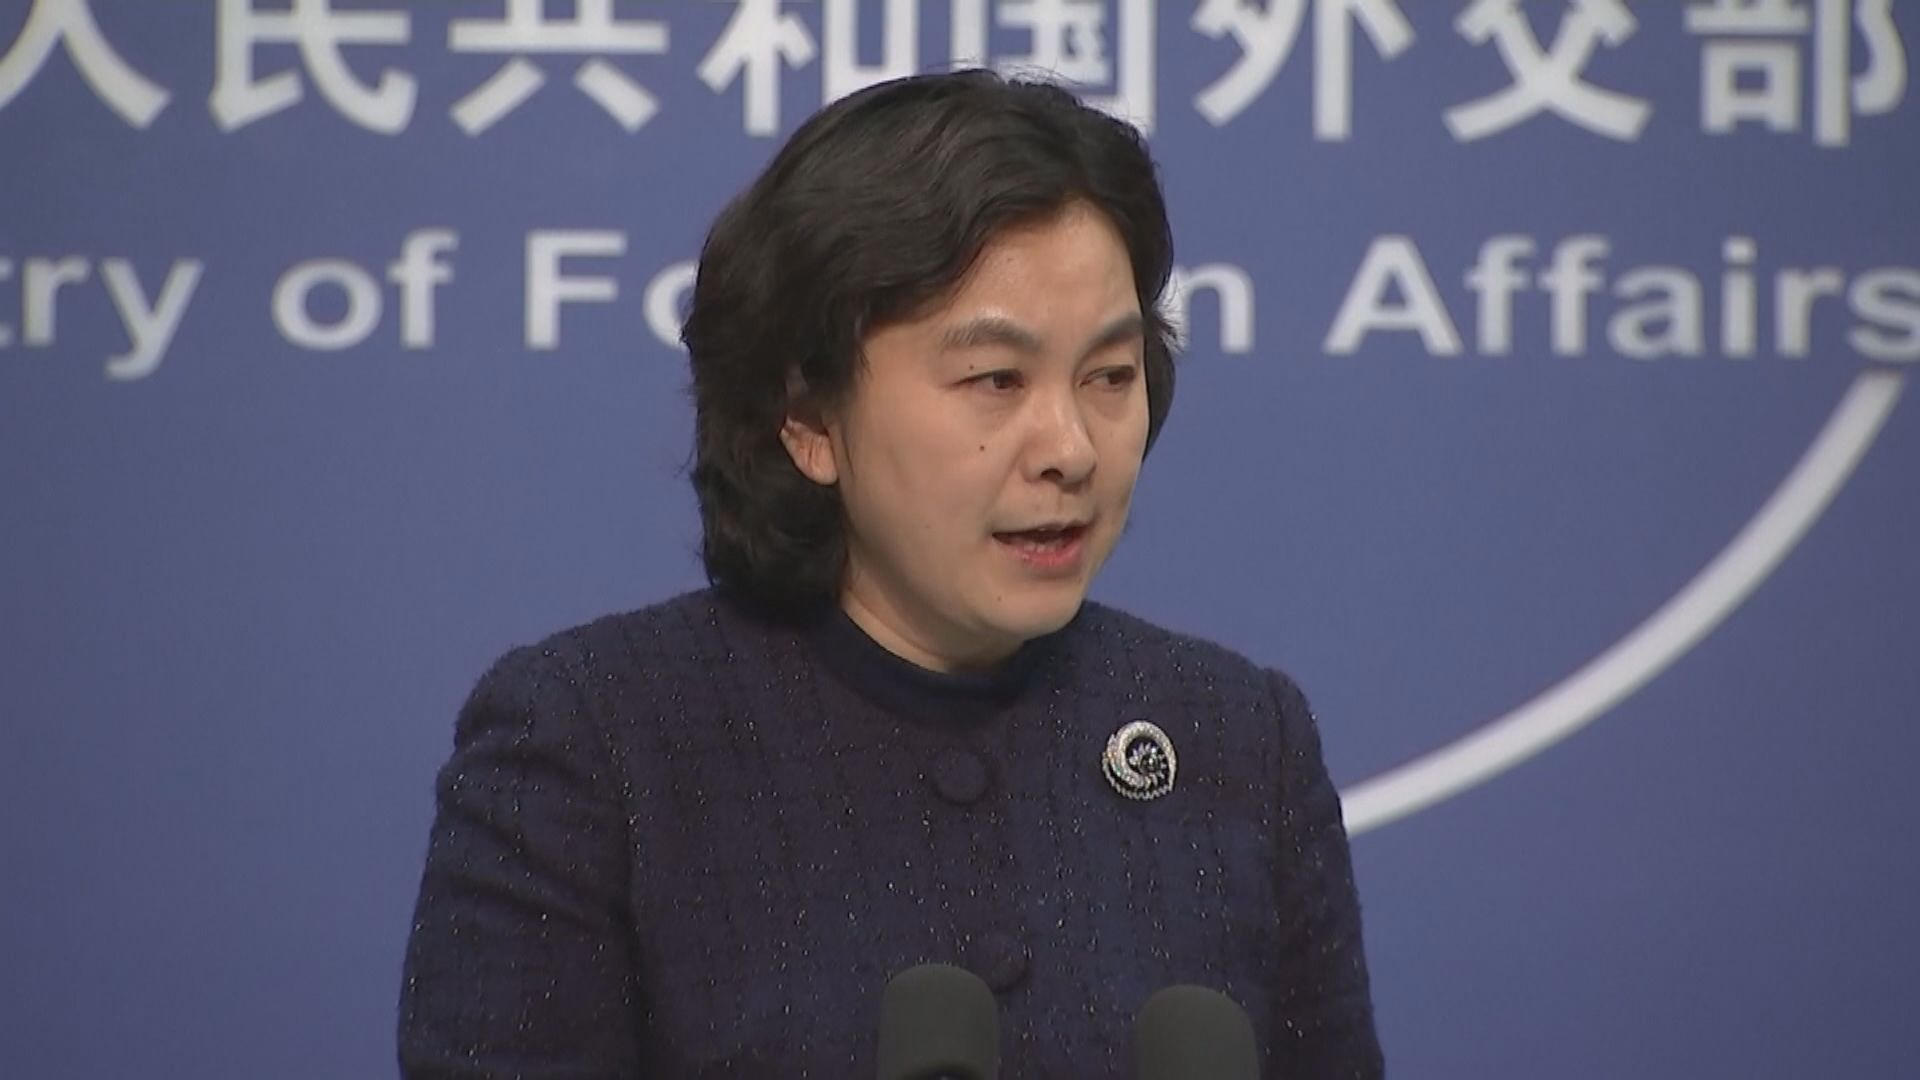 外交部批評美方對中國航天政策妄加評論